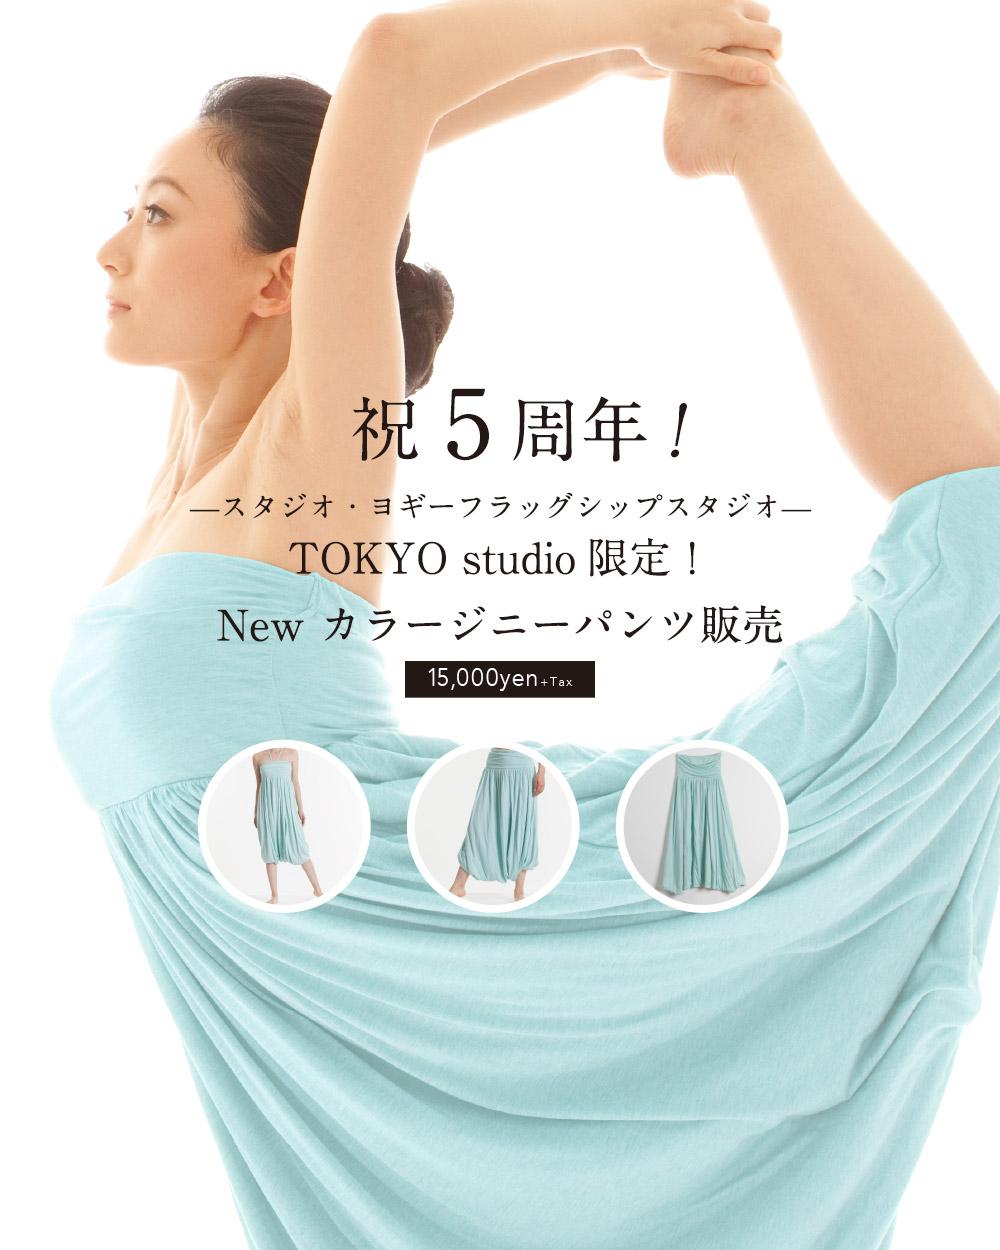 祝5周年!TOKYO studio限定! New カラージニーパンツ販売!